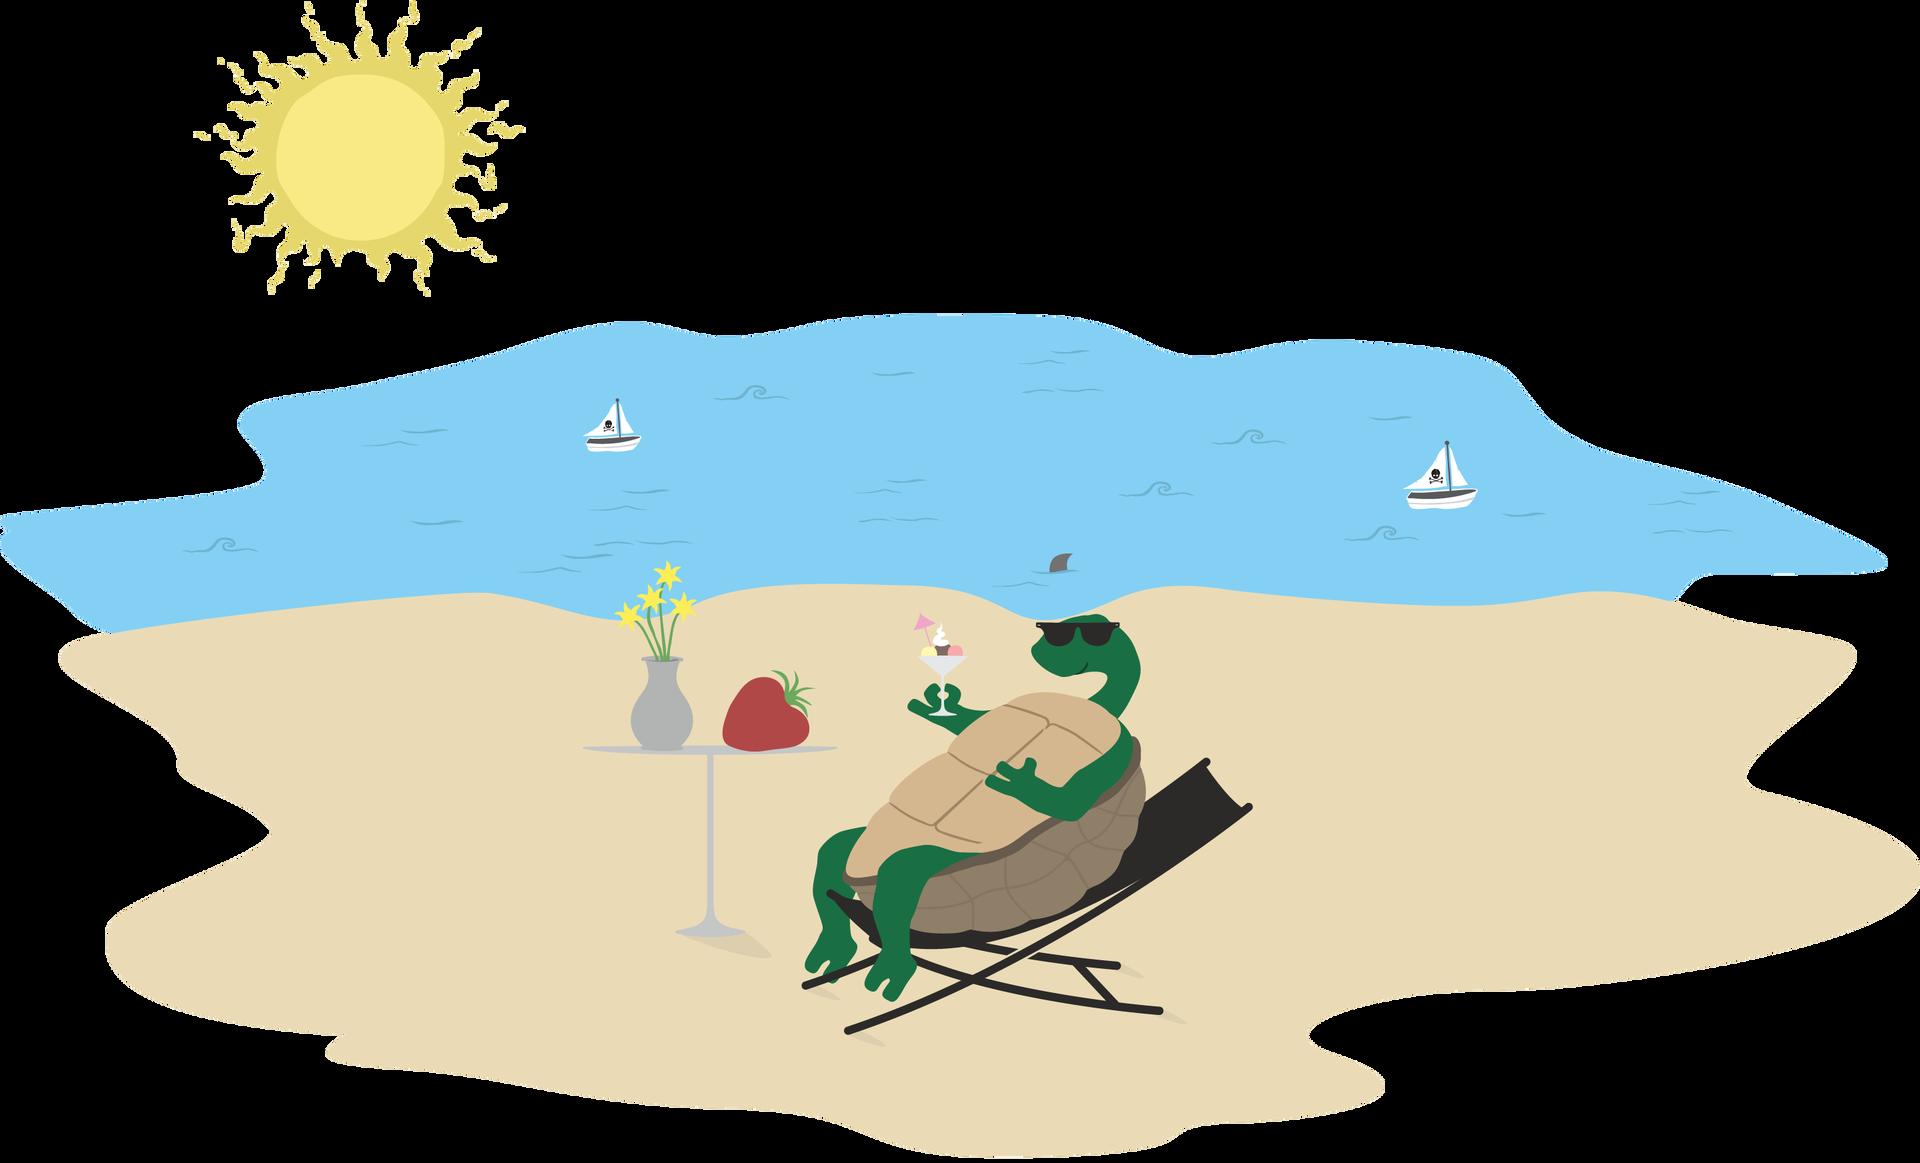 rysunek żółwia na plaży - grafik Źródło: Contentplus.pl sp. zo.o., licencja: CC BY 3.0.